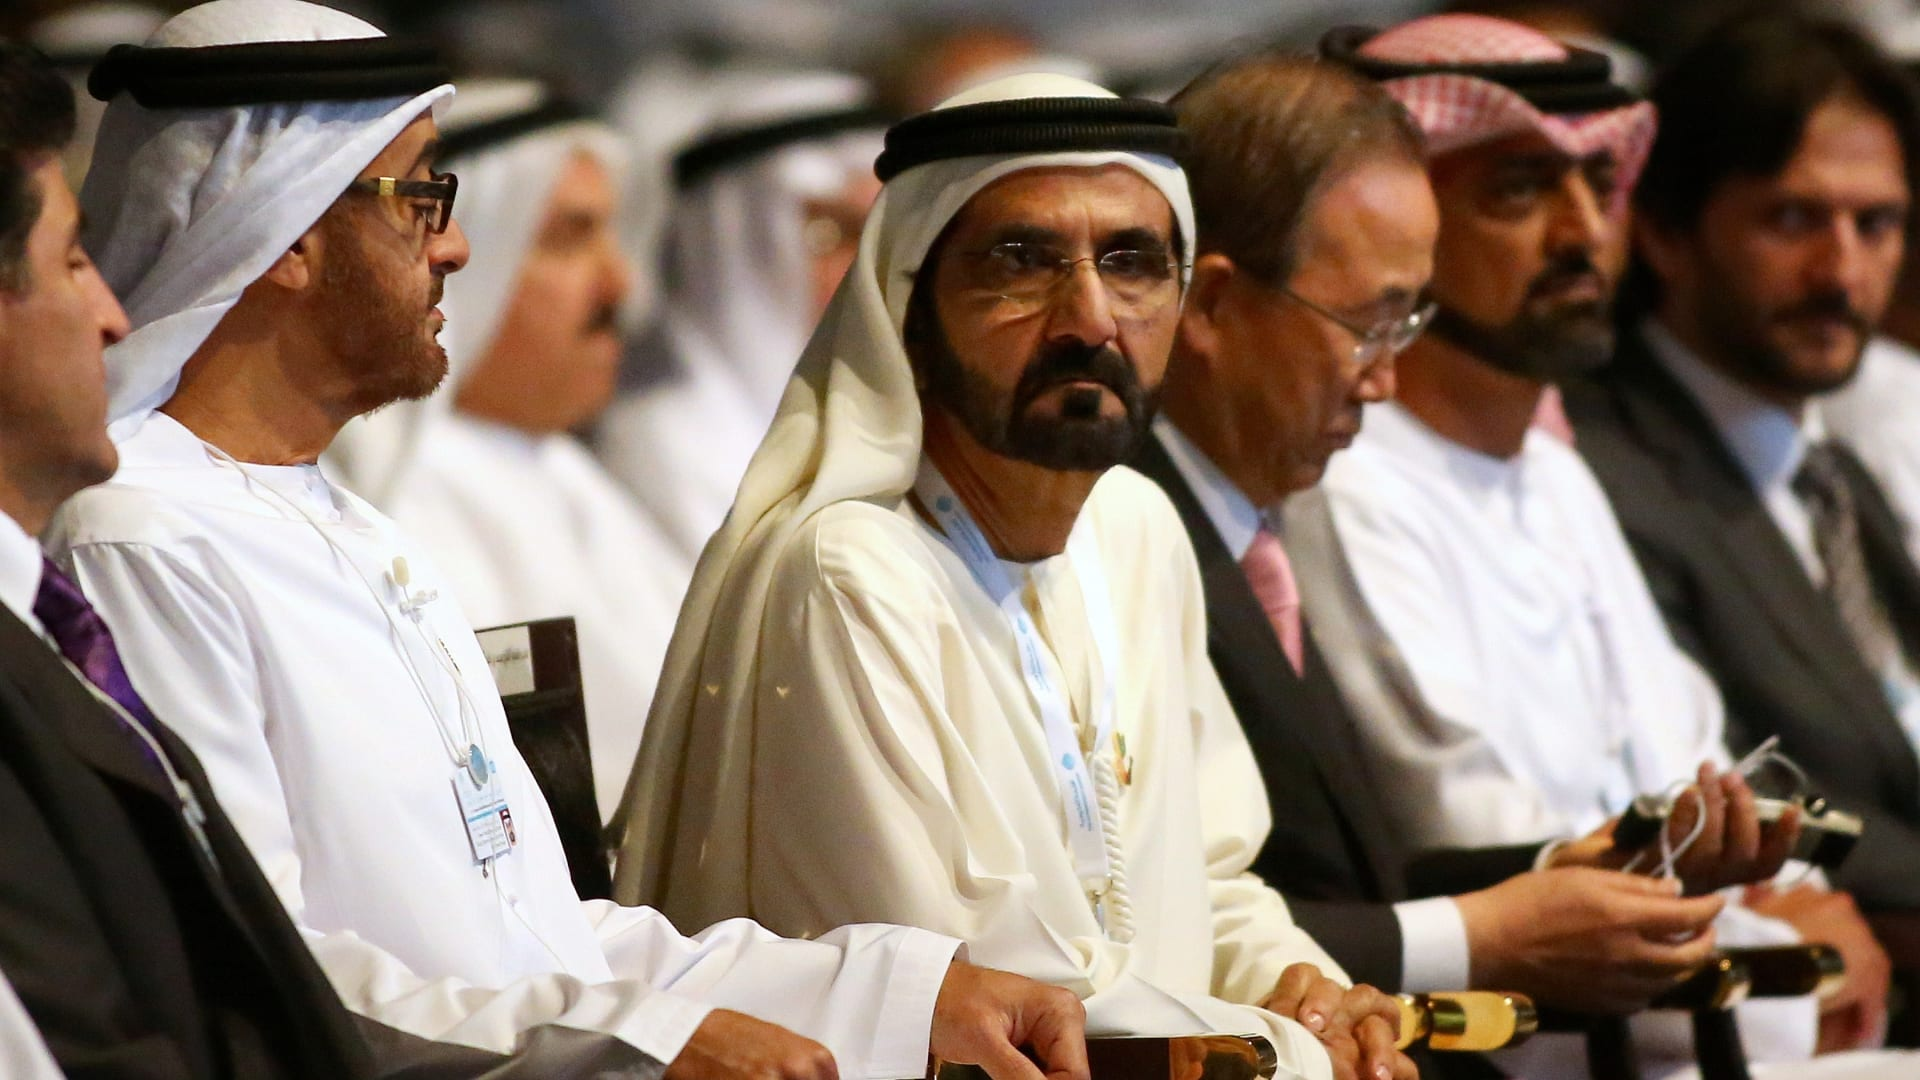 محمد بن راشد: أول ميغاوات من المحطة النووية يدخل شبكة الكهرباء في الإمارات